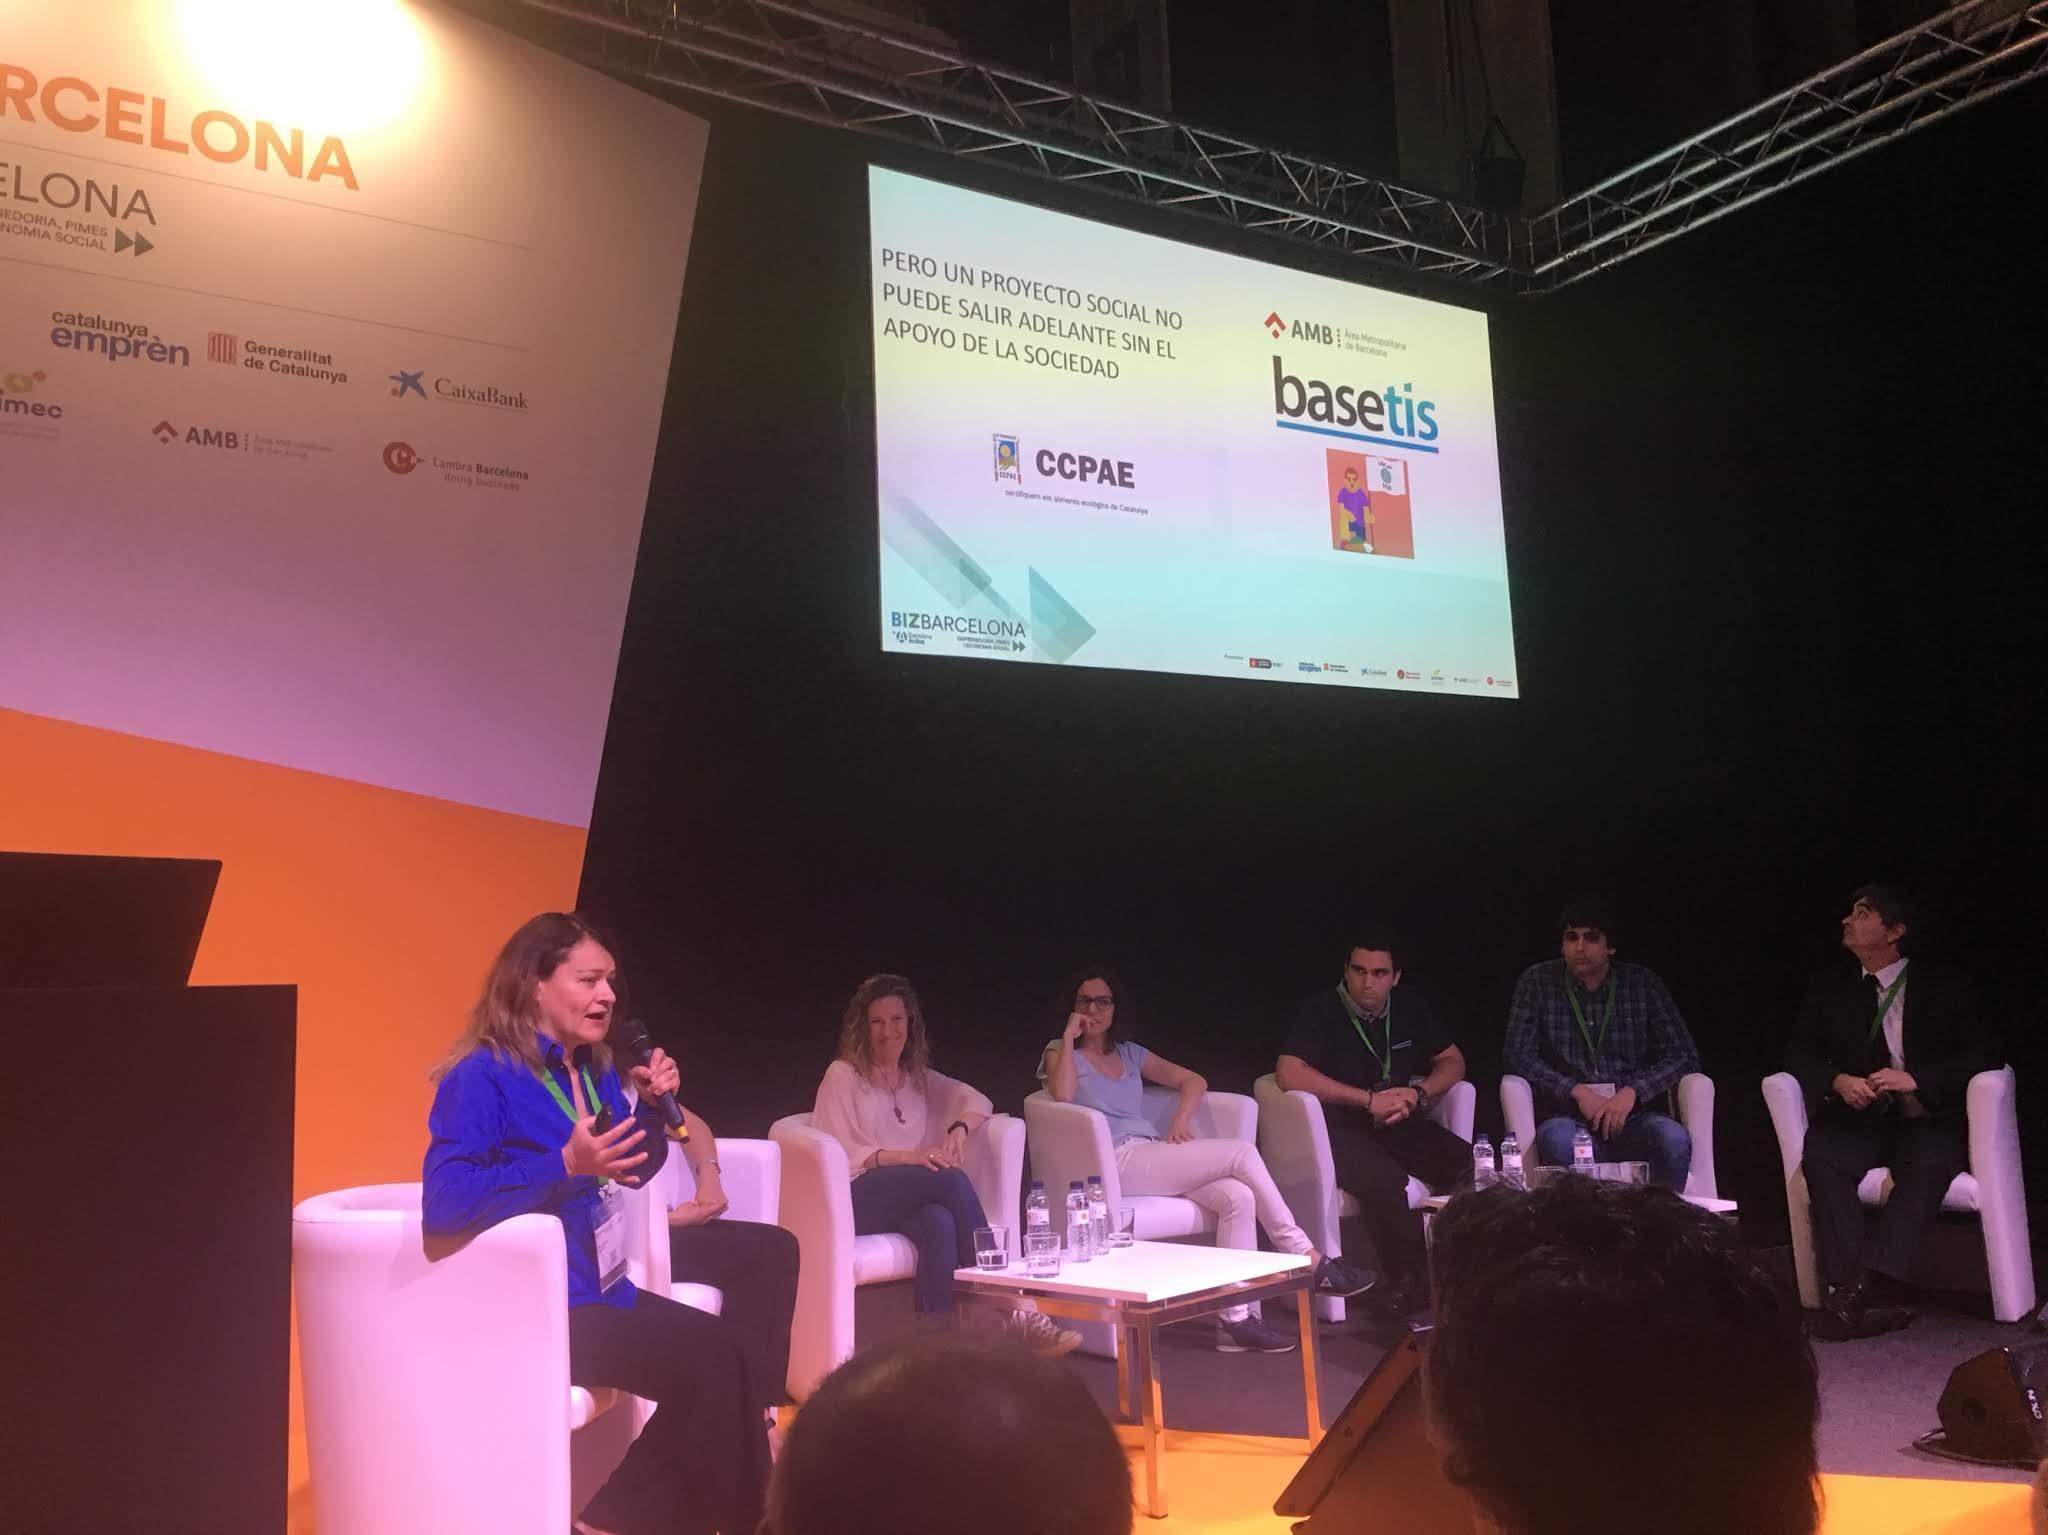 Presentació d'Ecolocal a la BizBarcelona 2018.